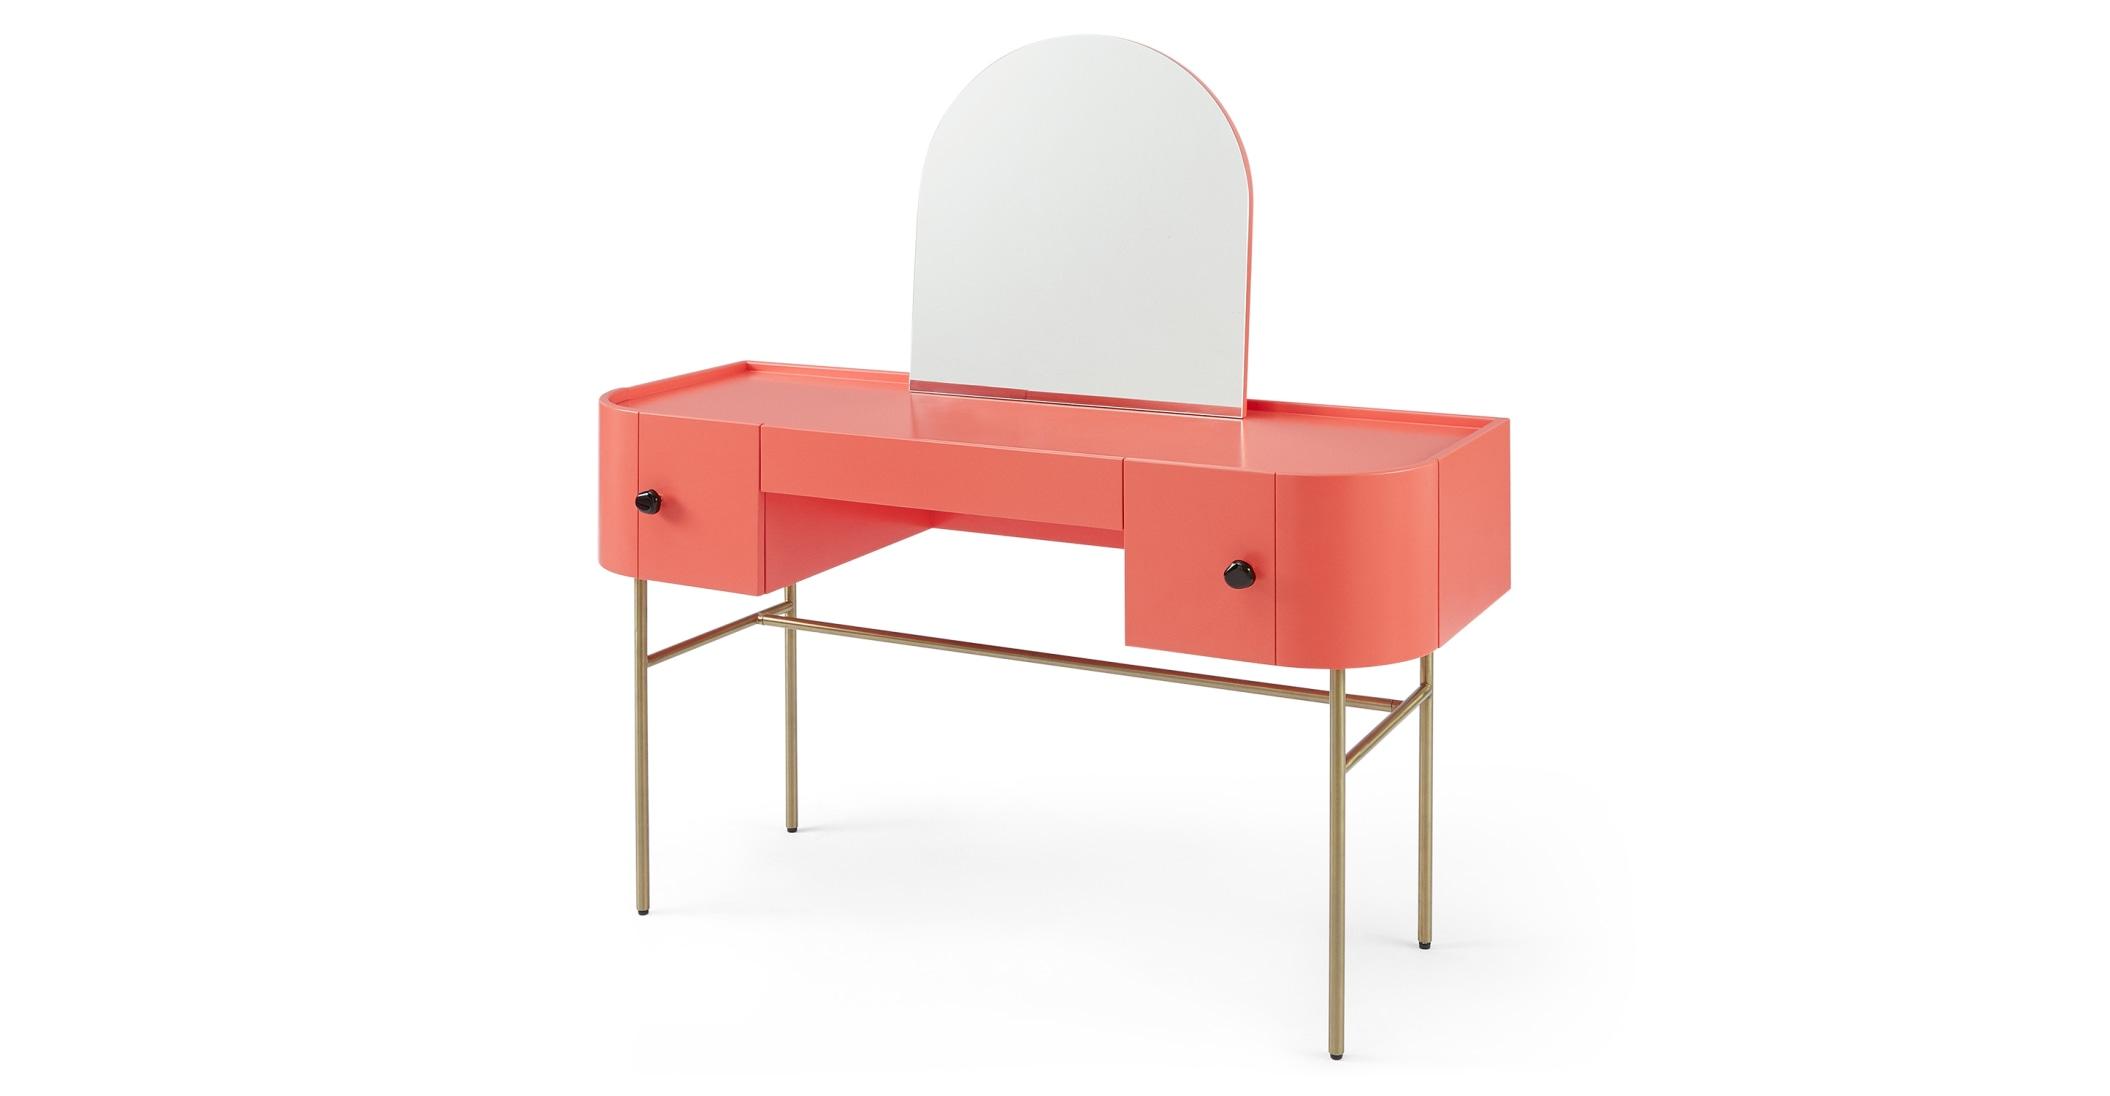 Mesa tocador Tandy, rosa coral con manijas negras brillantes y patas de latón